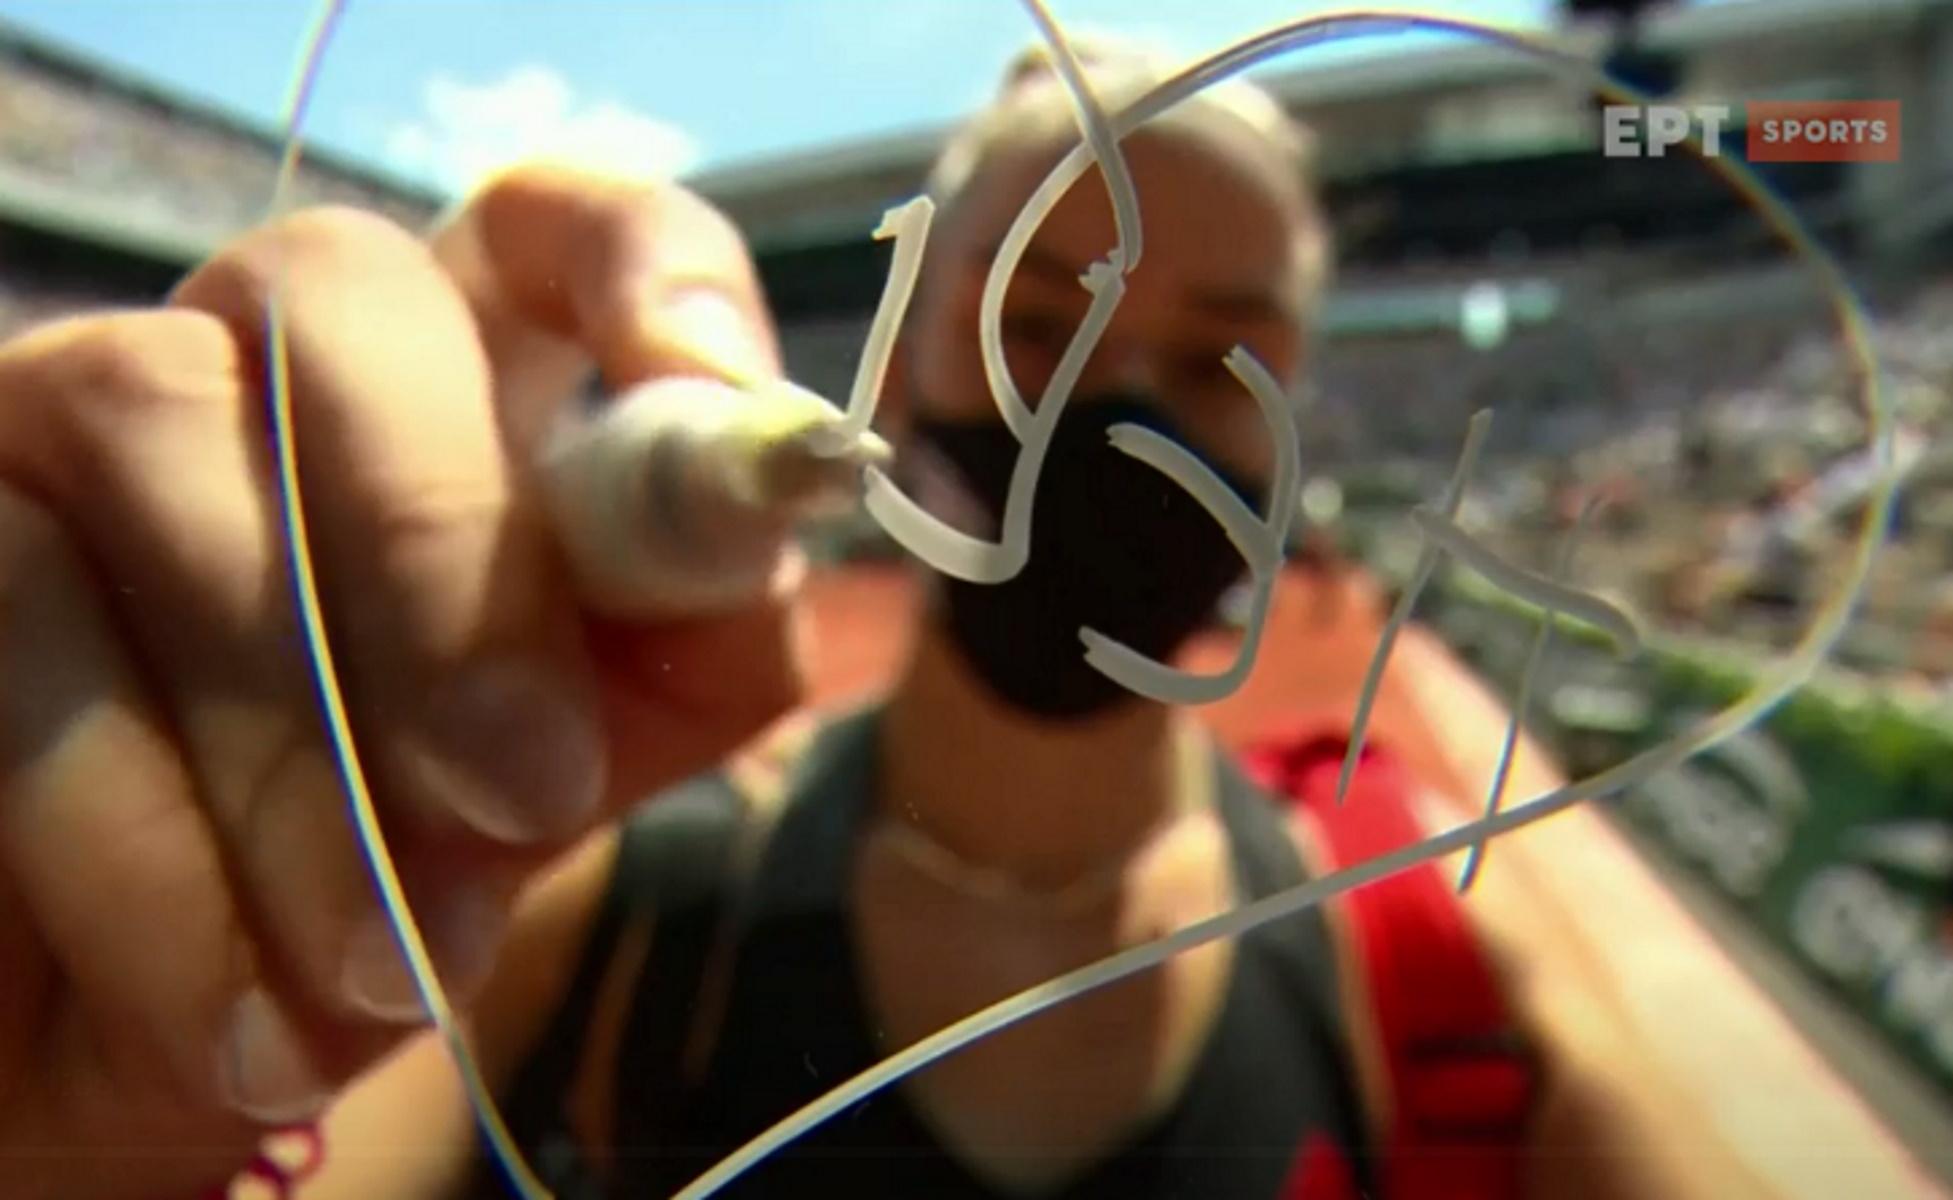 Μαρία Σάκκαρη: Αφιερωμένη στην Ελλάδα η πρόκριση στην 4άδα του Roland Garros